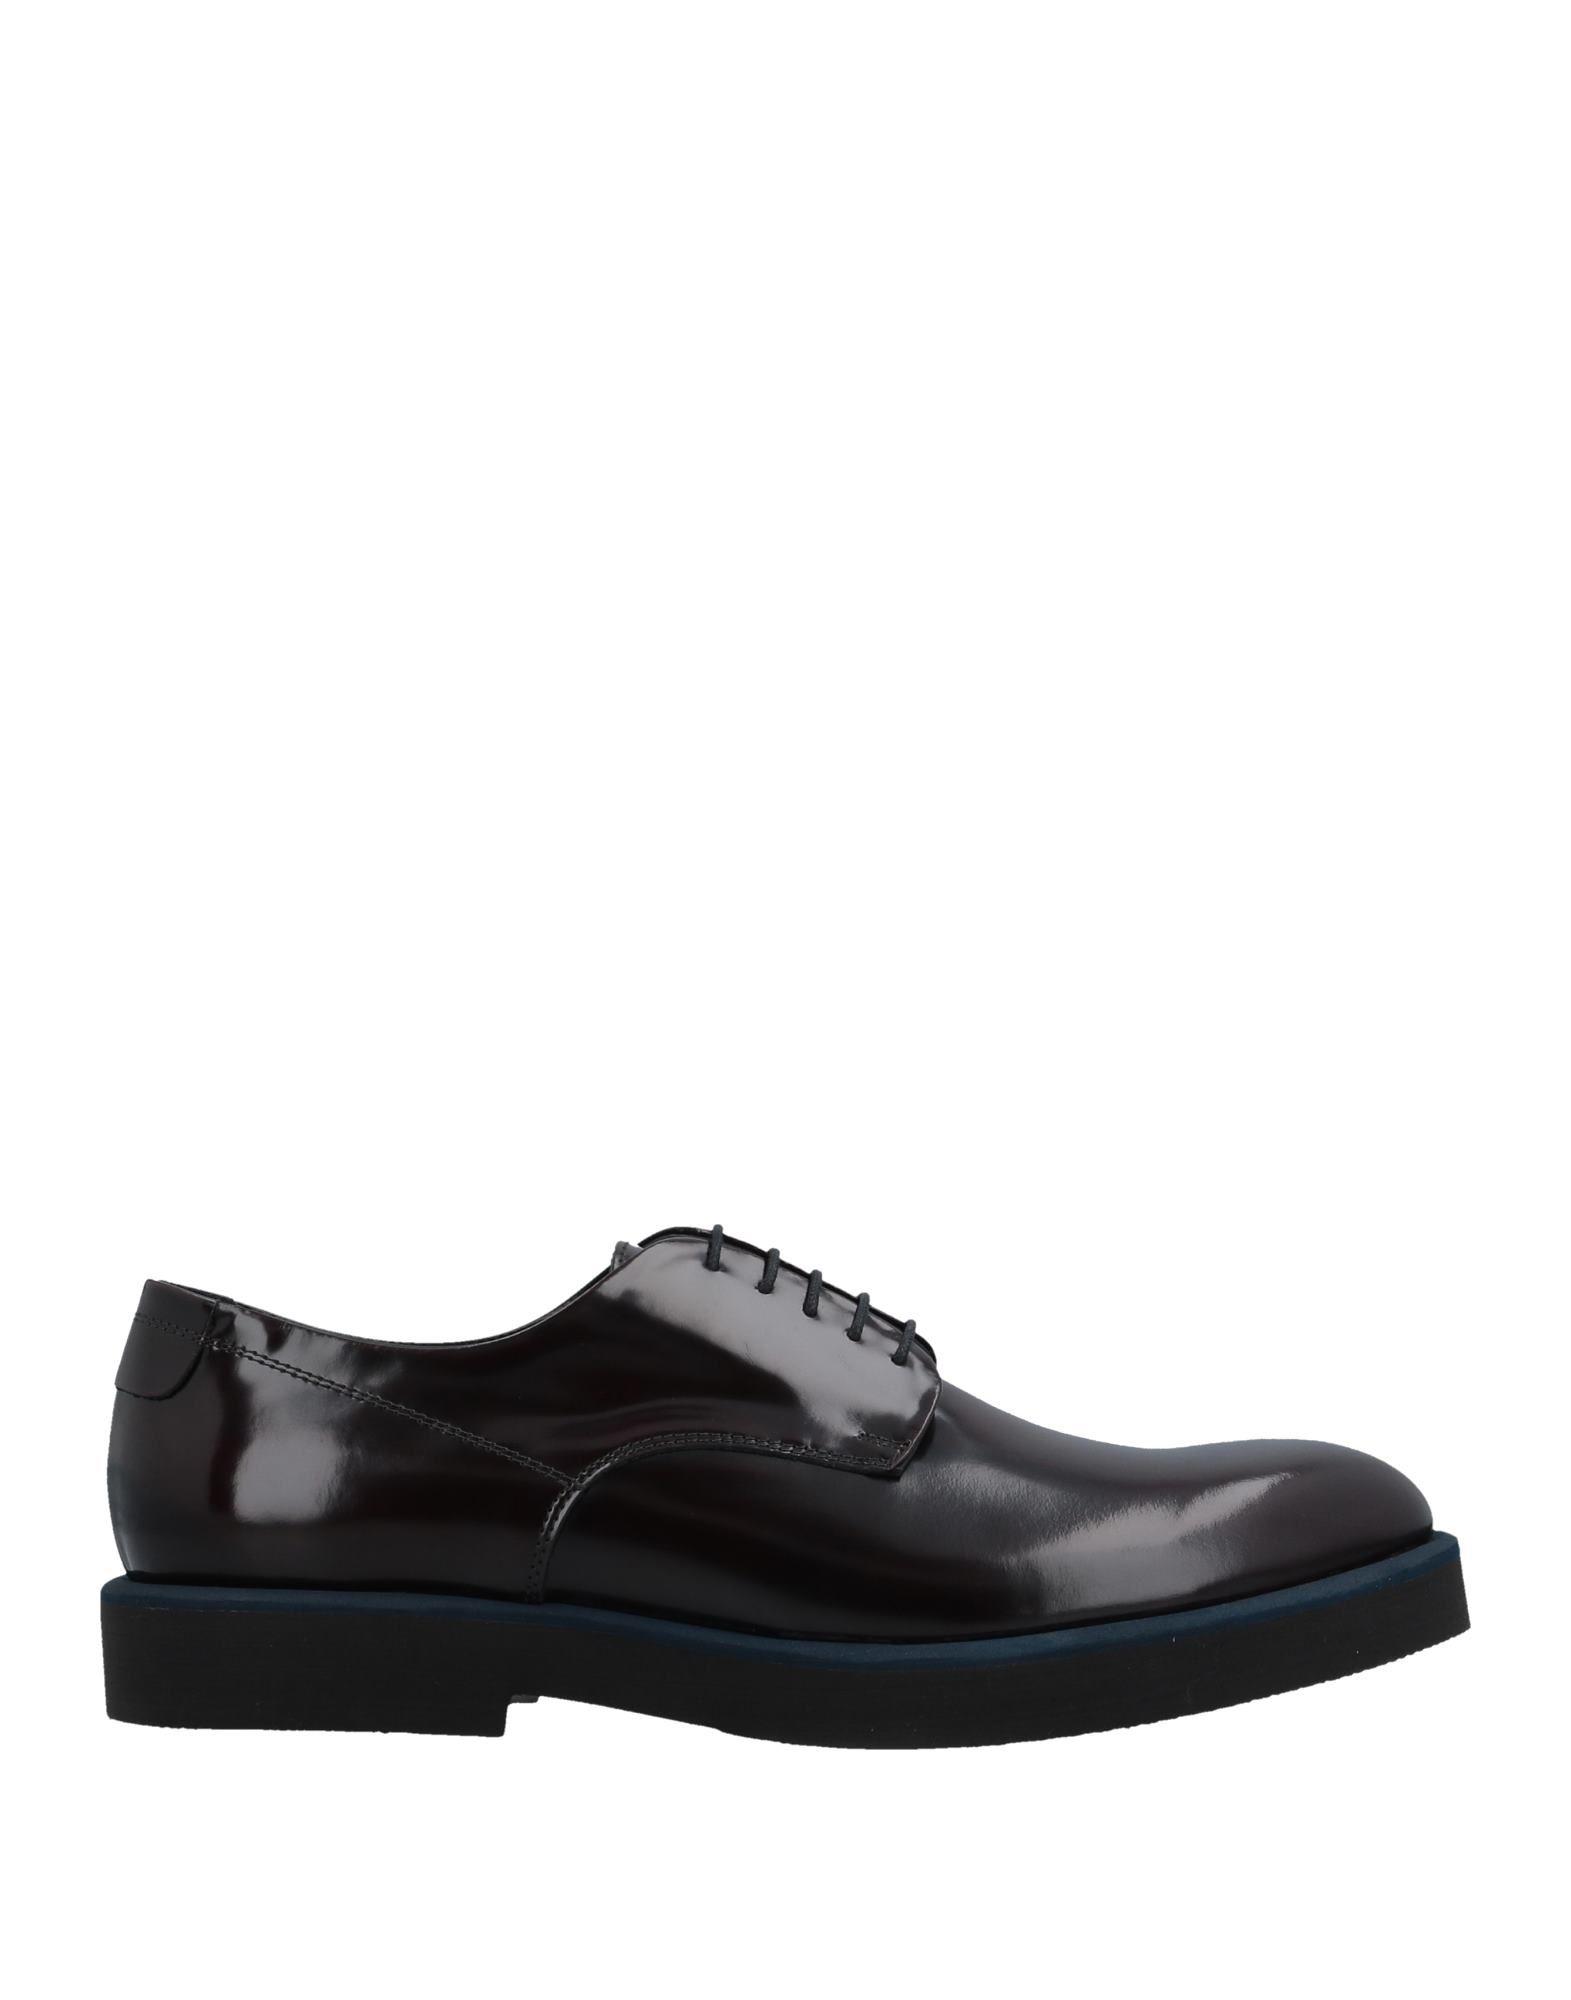 Loriblu Schnürschuhe Herren  11510615UW Gute Qualität beliebte Schuhe